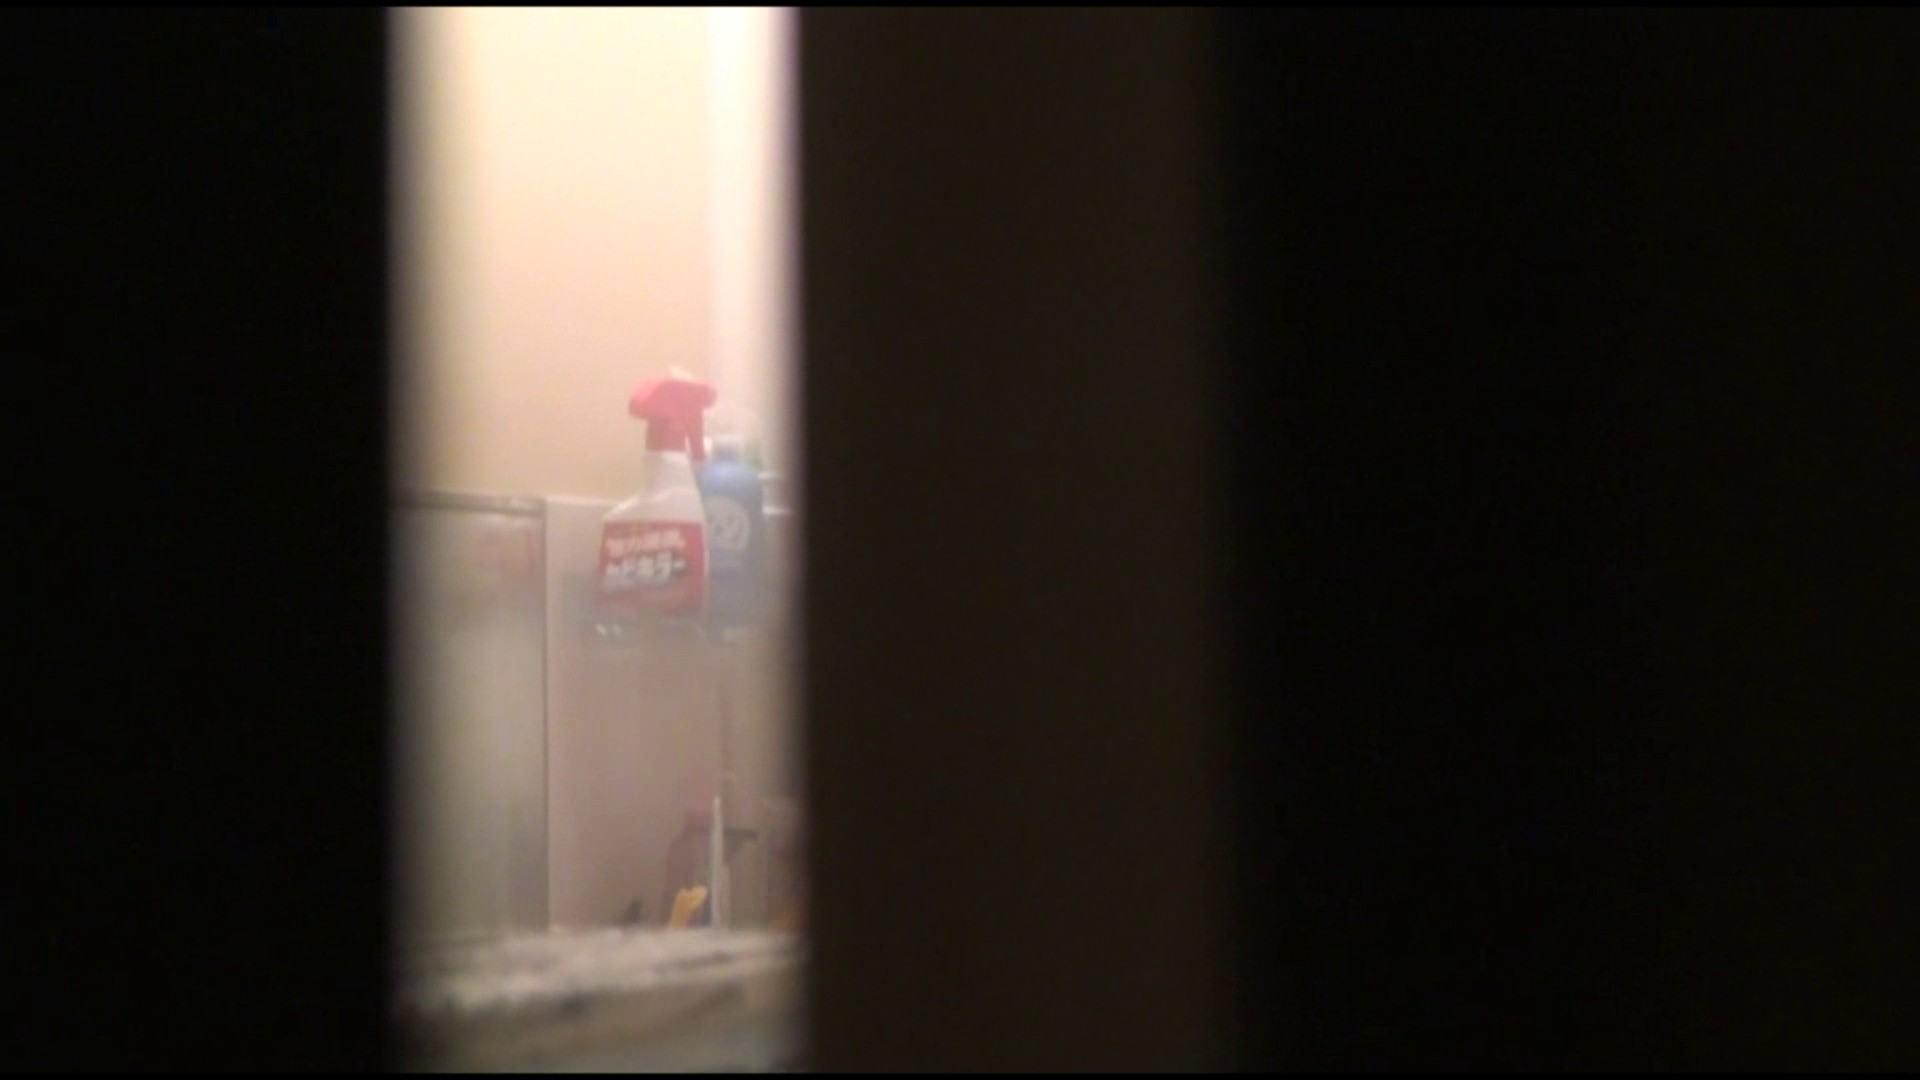 盗撮おまんこ vol.08最高のパイラインを流れるシャワーの水が極上嬢をさらに引き立てます! 怪盗ジョーカー